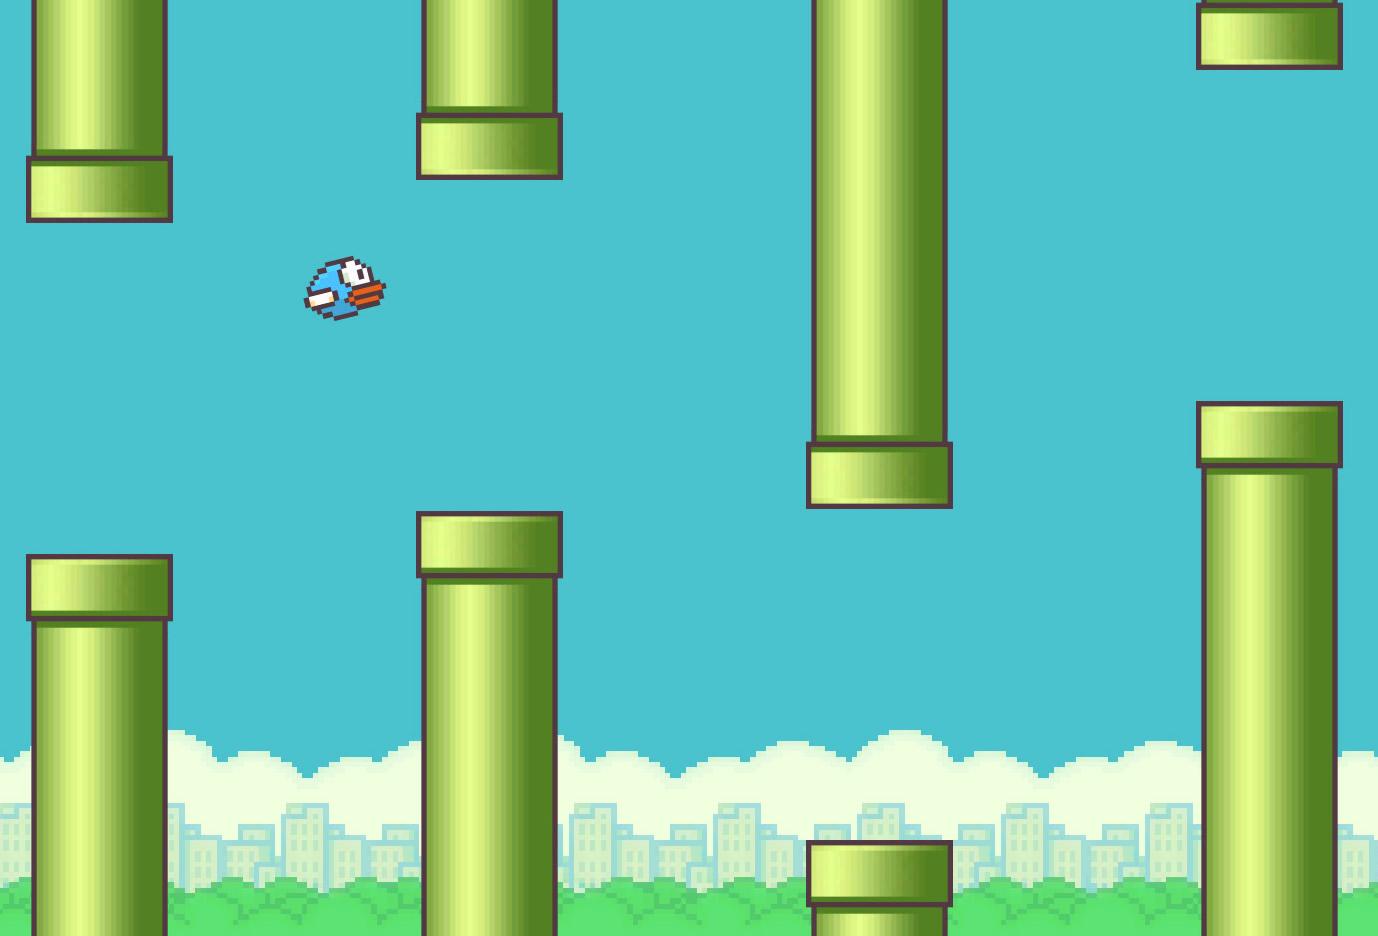 Flappy Bird Background - wallpaper